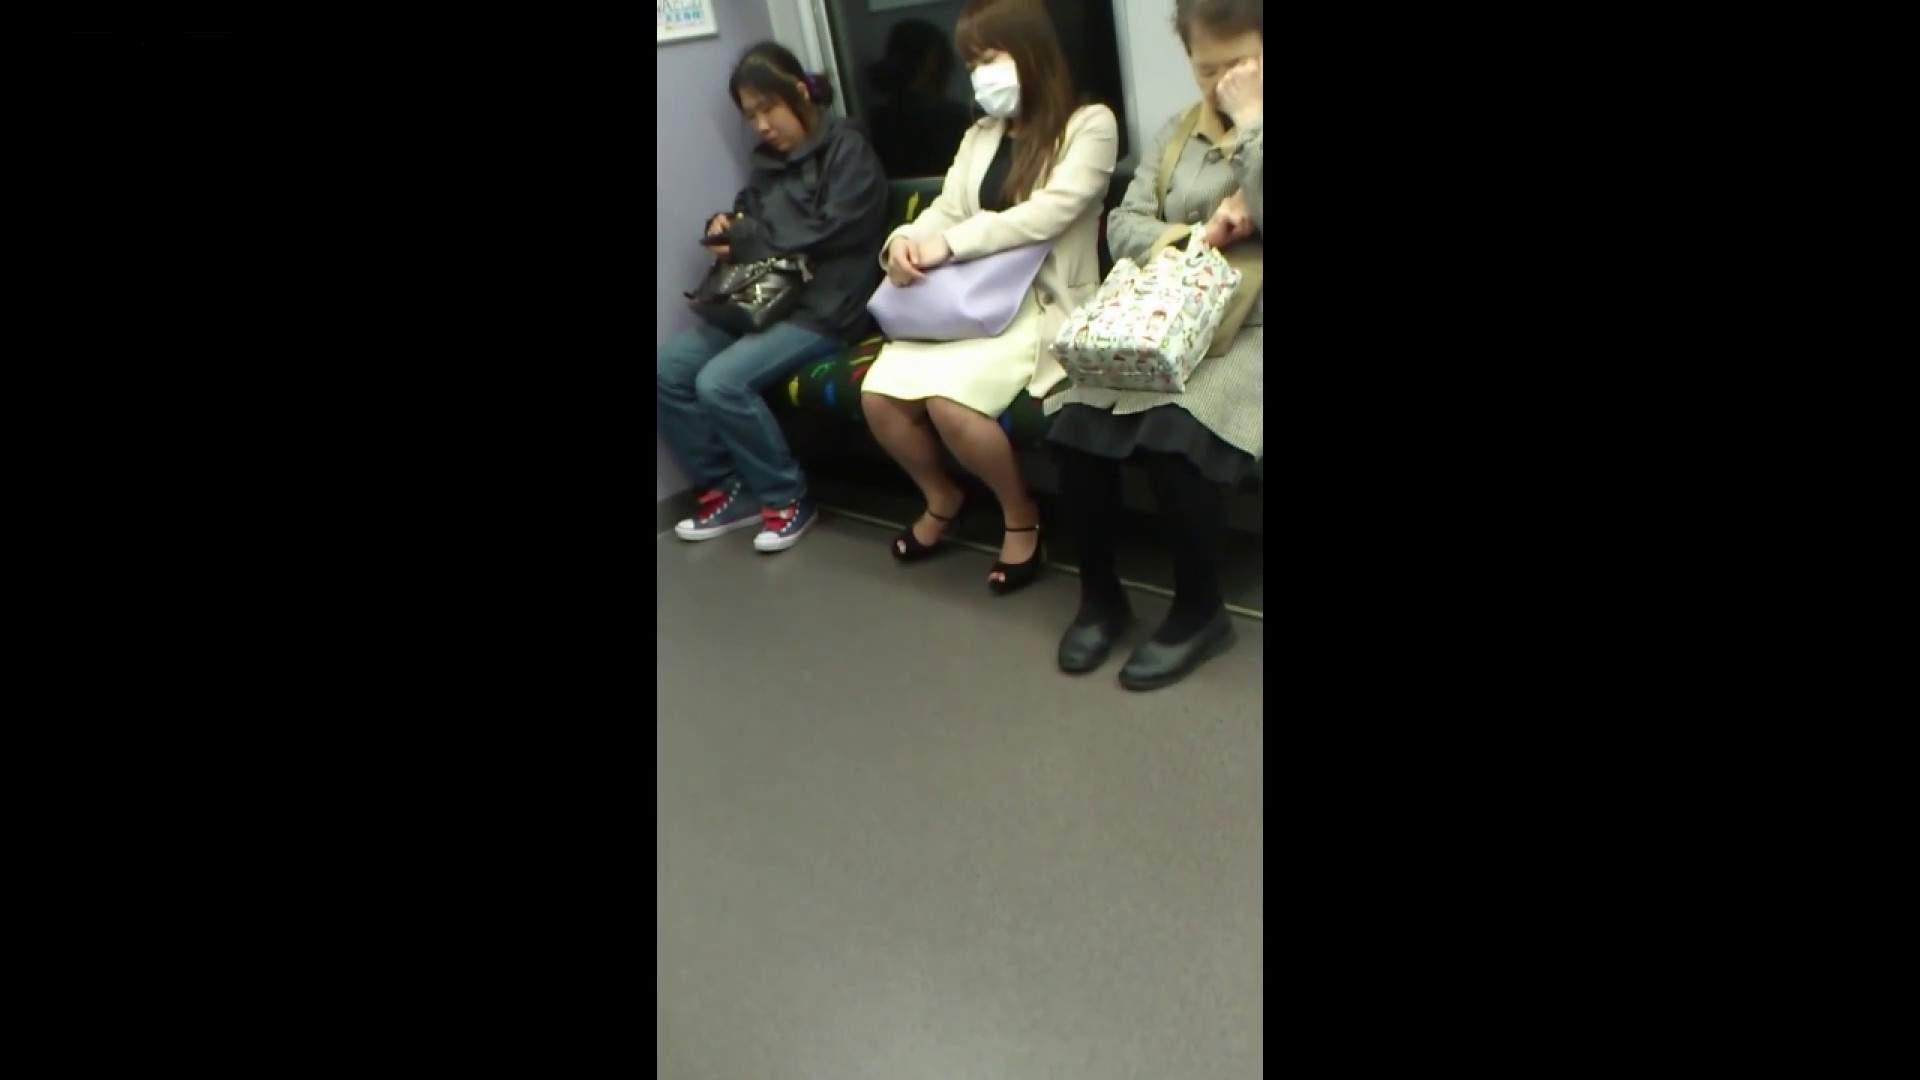 盗撮列車 Vol.55 黄色の爽やかなスカートが大好きです。 盗撮・必見 すけべAV動画紹介 53画像 33